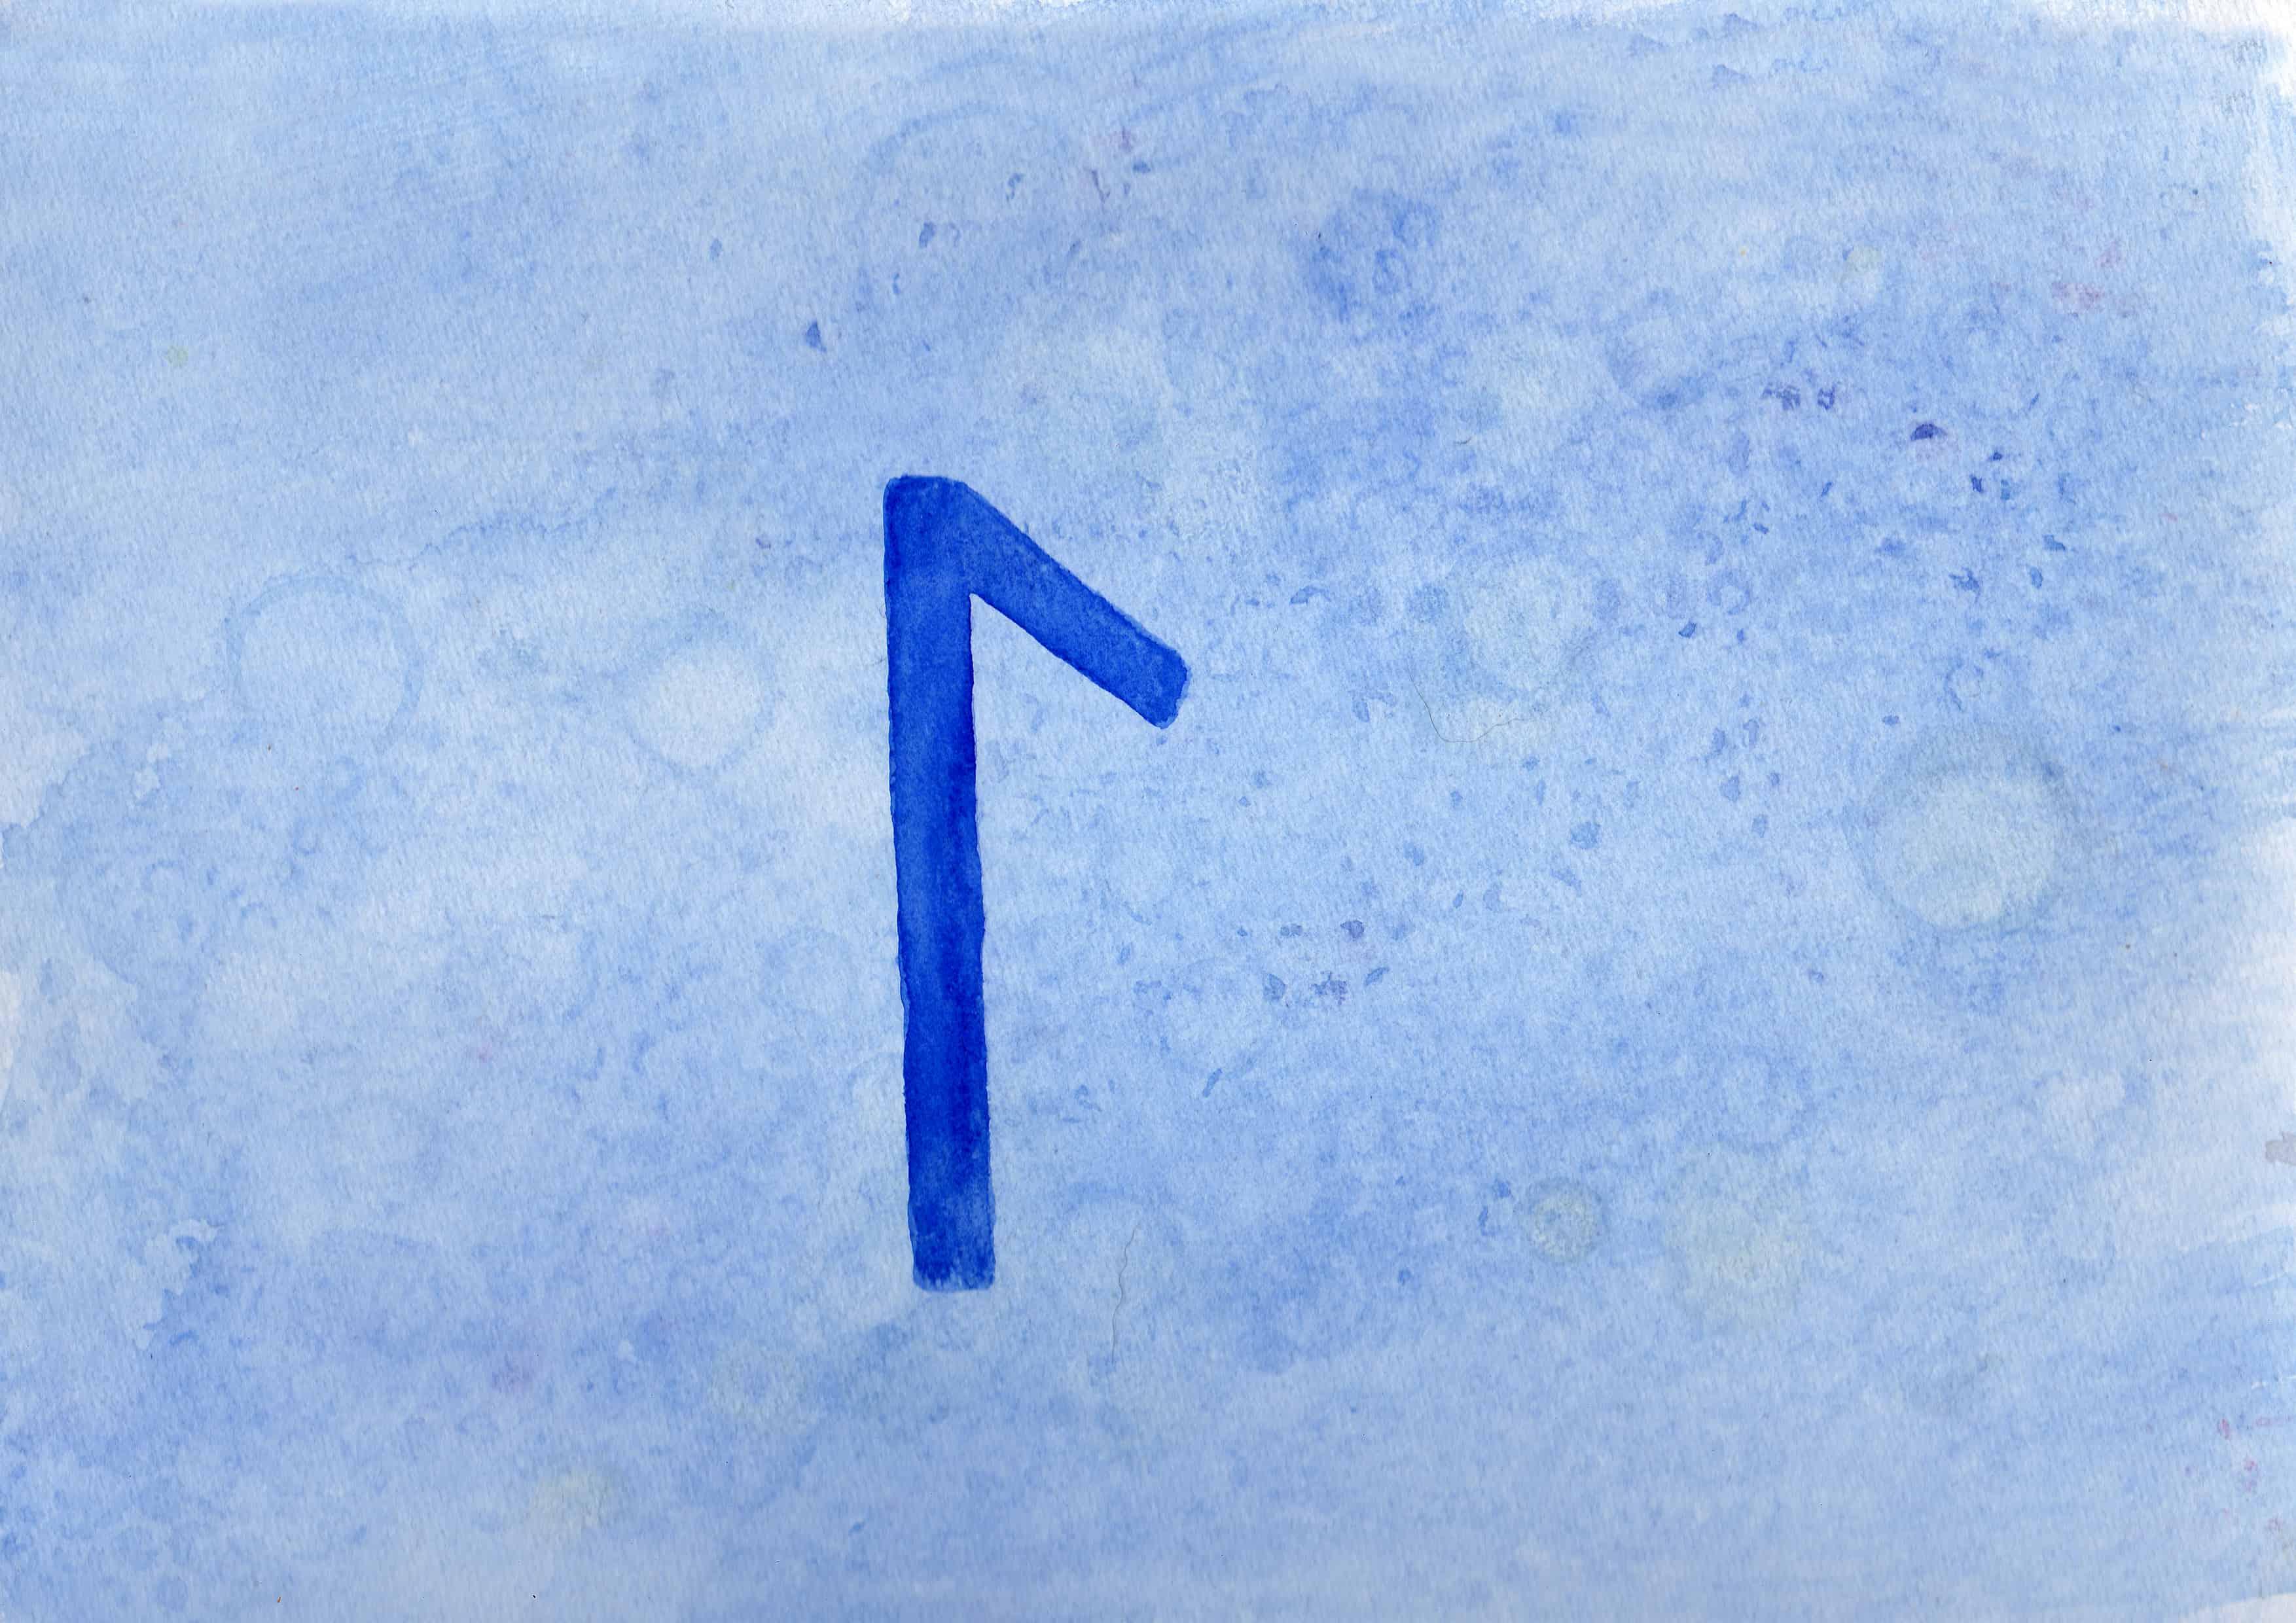 Laugr - 100 Sacred Symbols in Watercolour by Linda Ursin